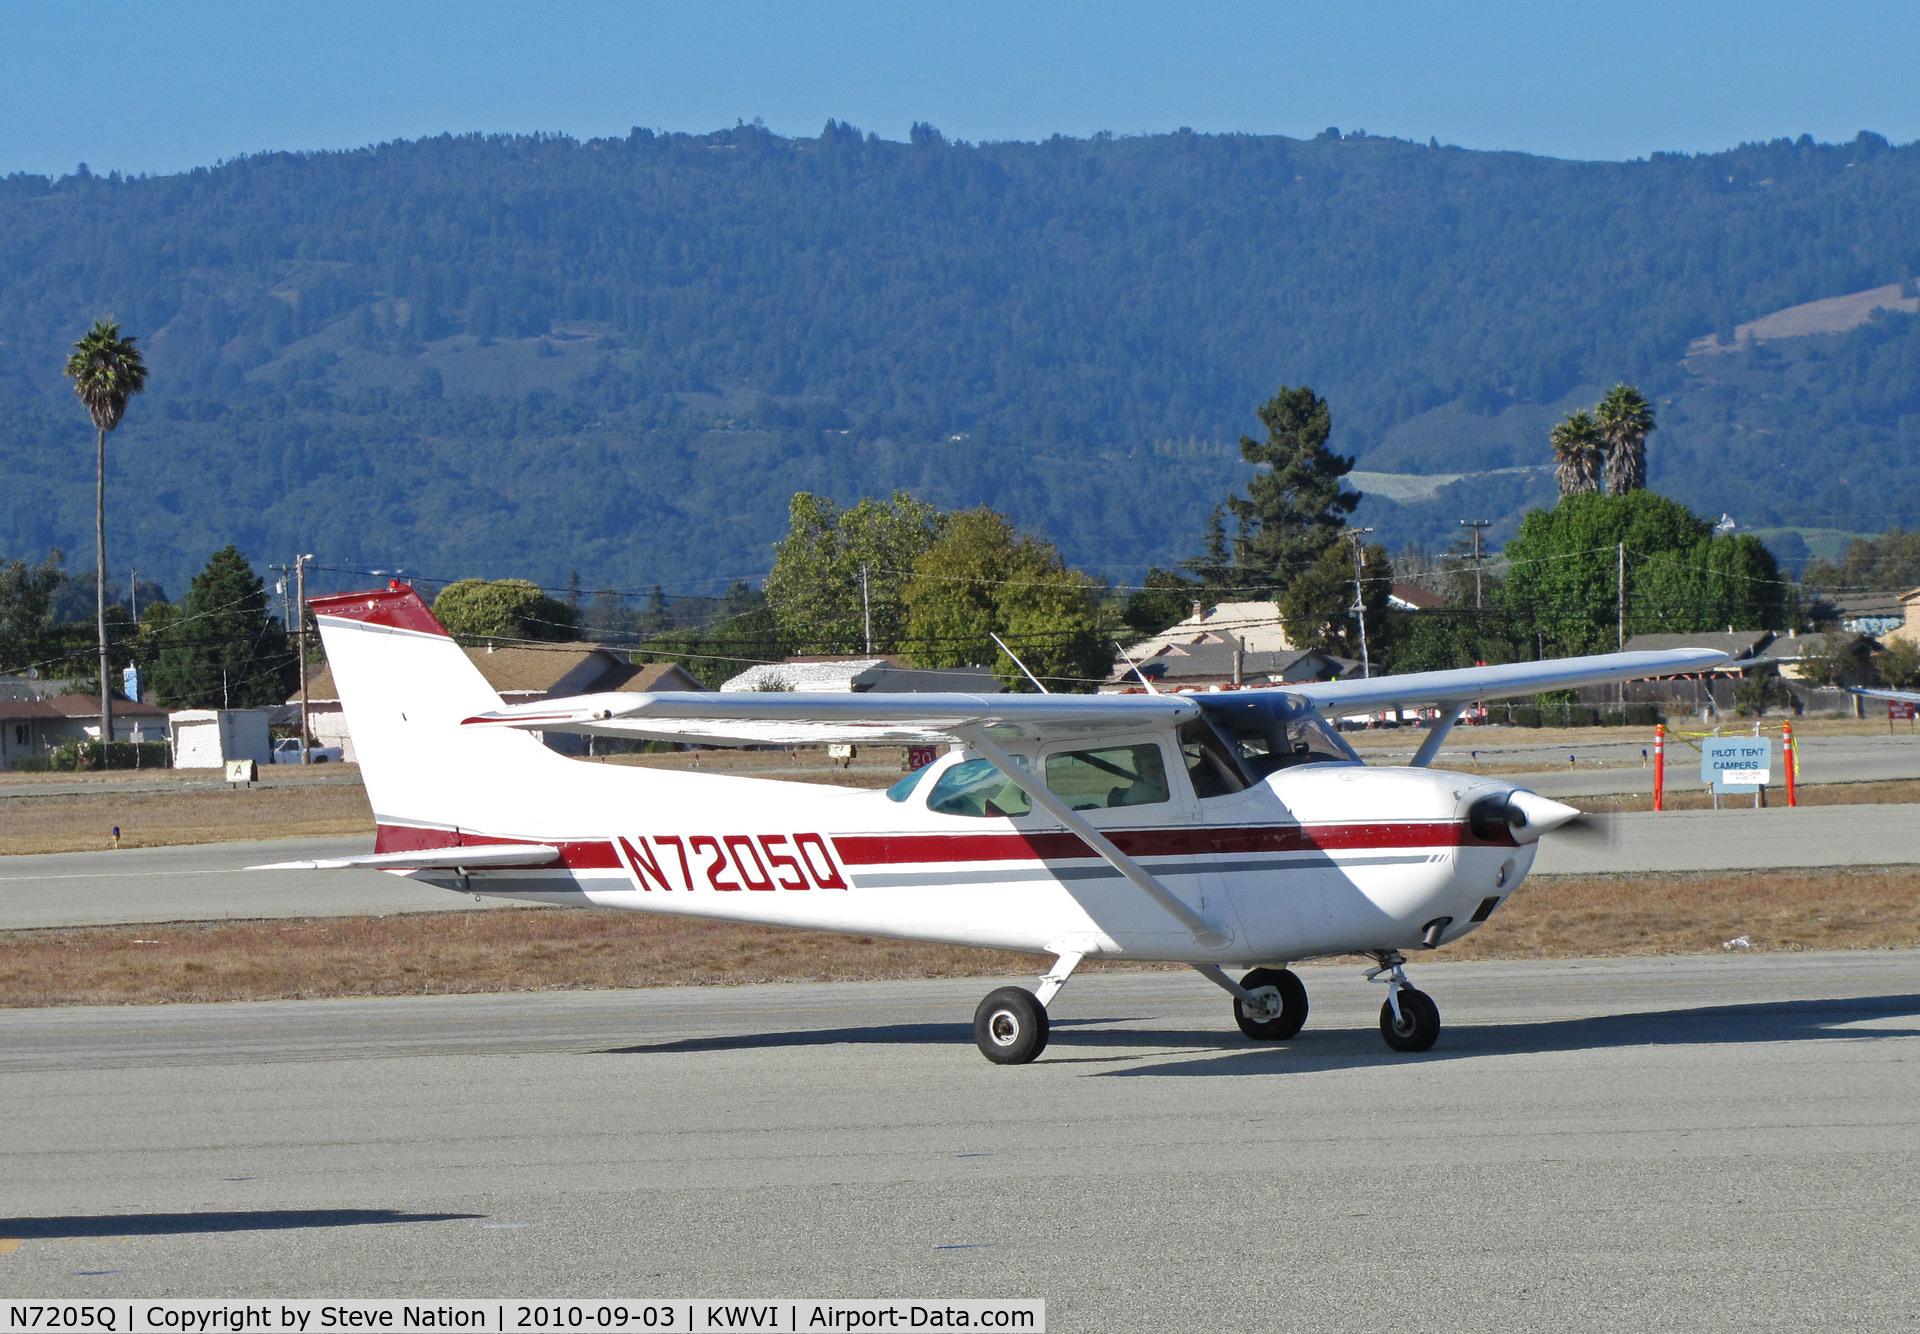 N7205Q, 1972 Cessna 172L Skyhawk C/N 17260505, 1972 Cessna 172L taxying @ Watsonville, CA Fly-In